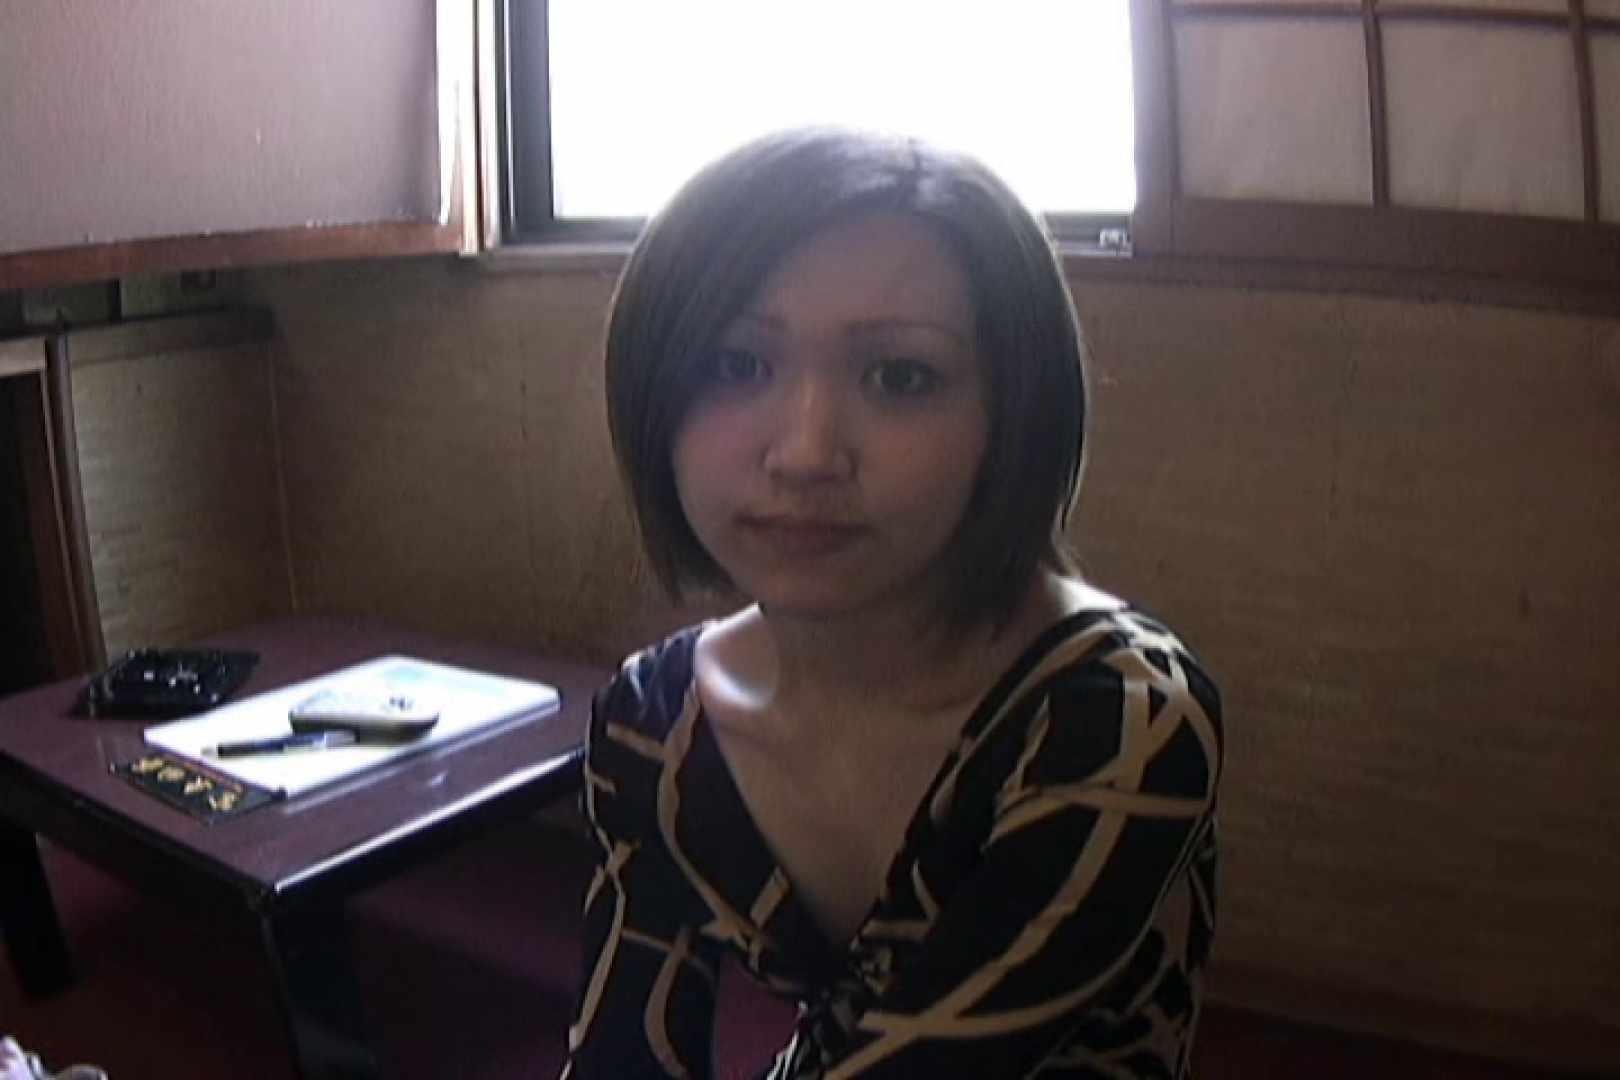 素人モデル撮っちゃいました chisa ぽっちゃりギャル ワレメ無修正動画無料 97pic 91